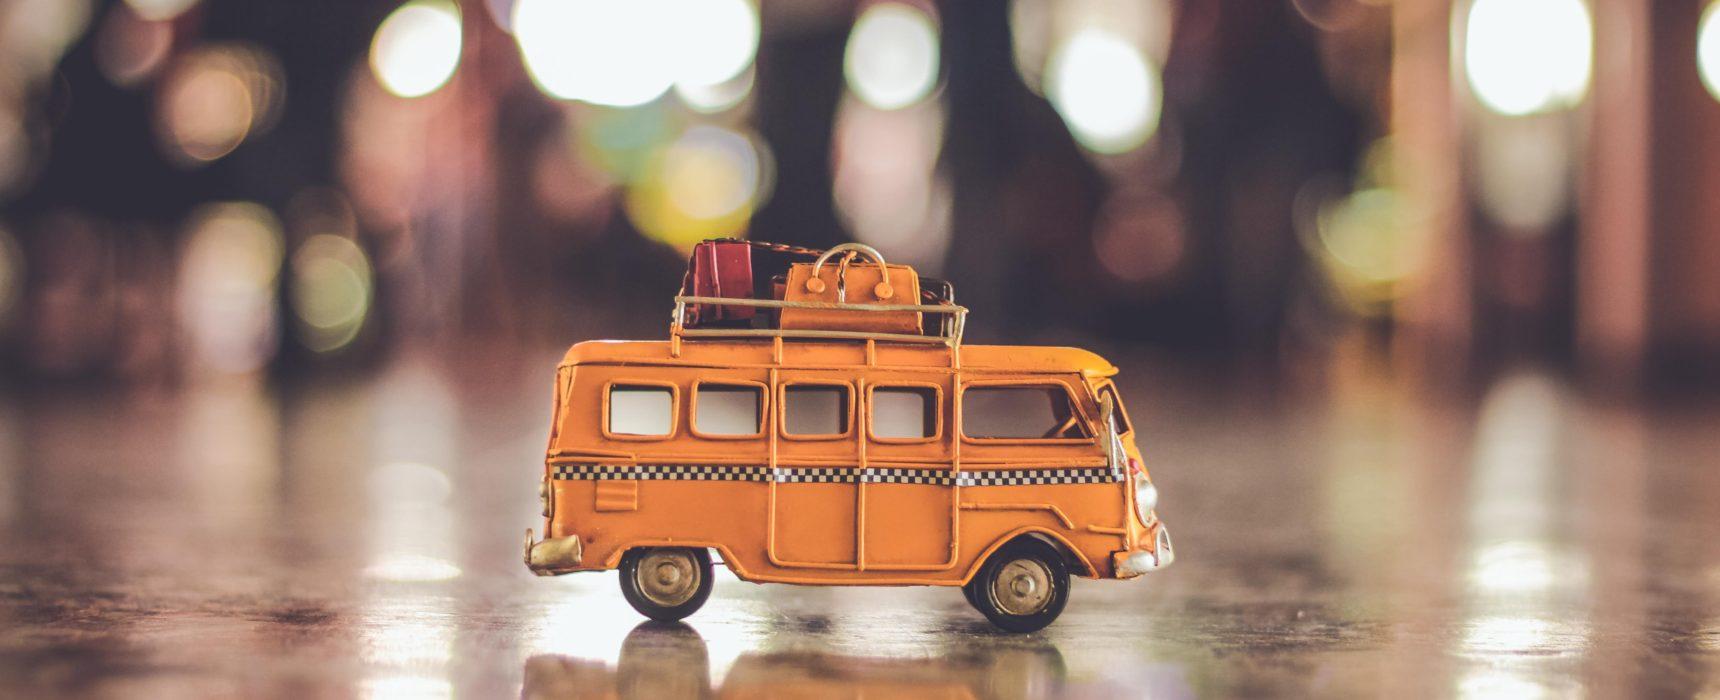 Packe deinen Koffer für die kommenden Ferienaktivitäten